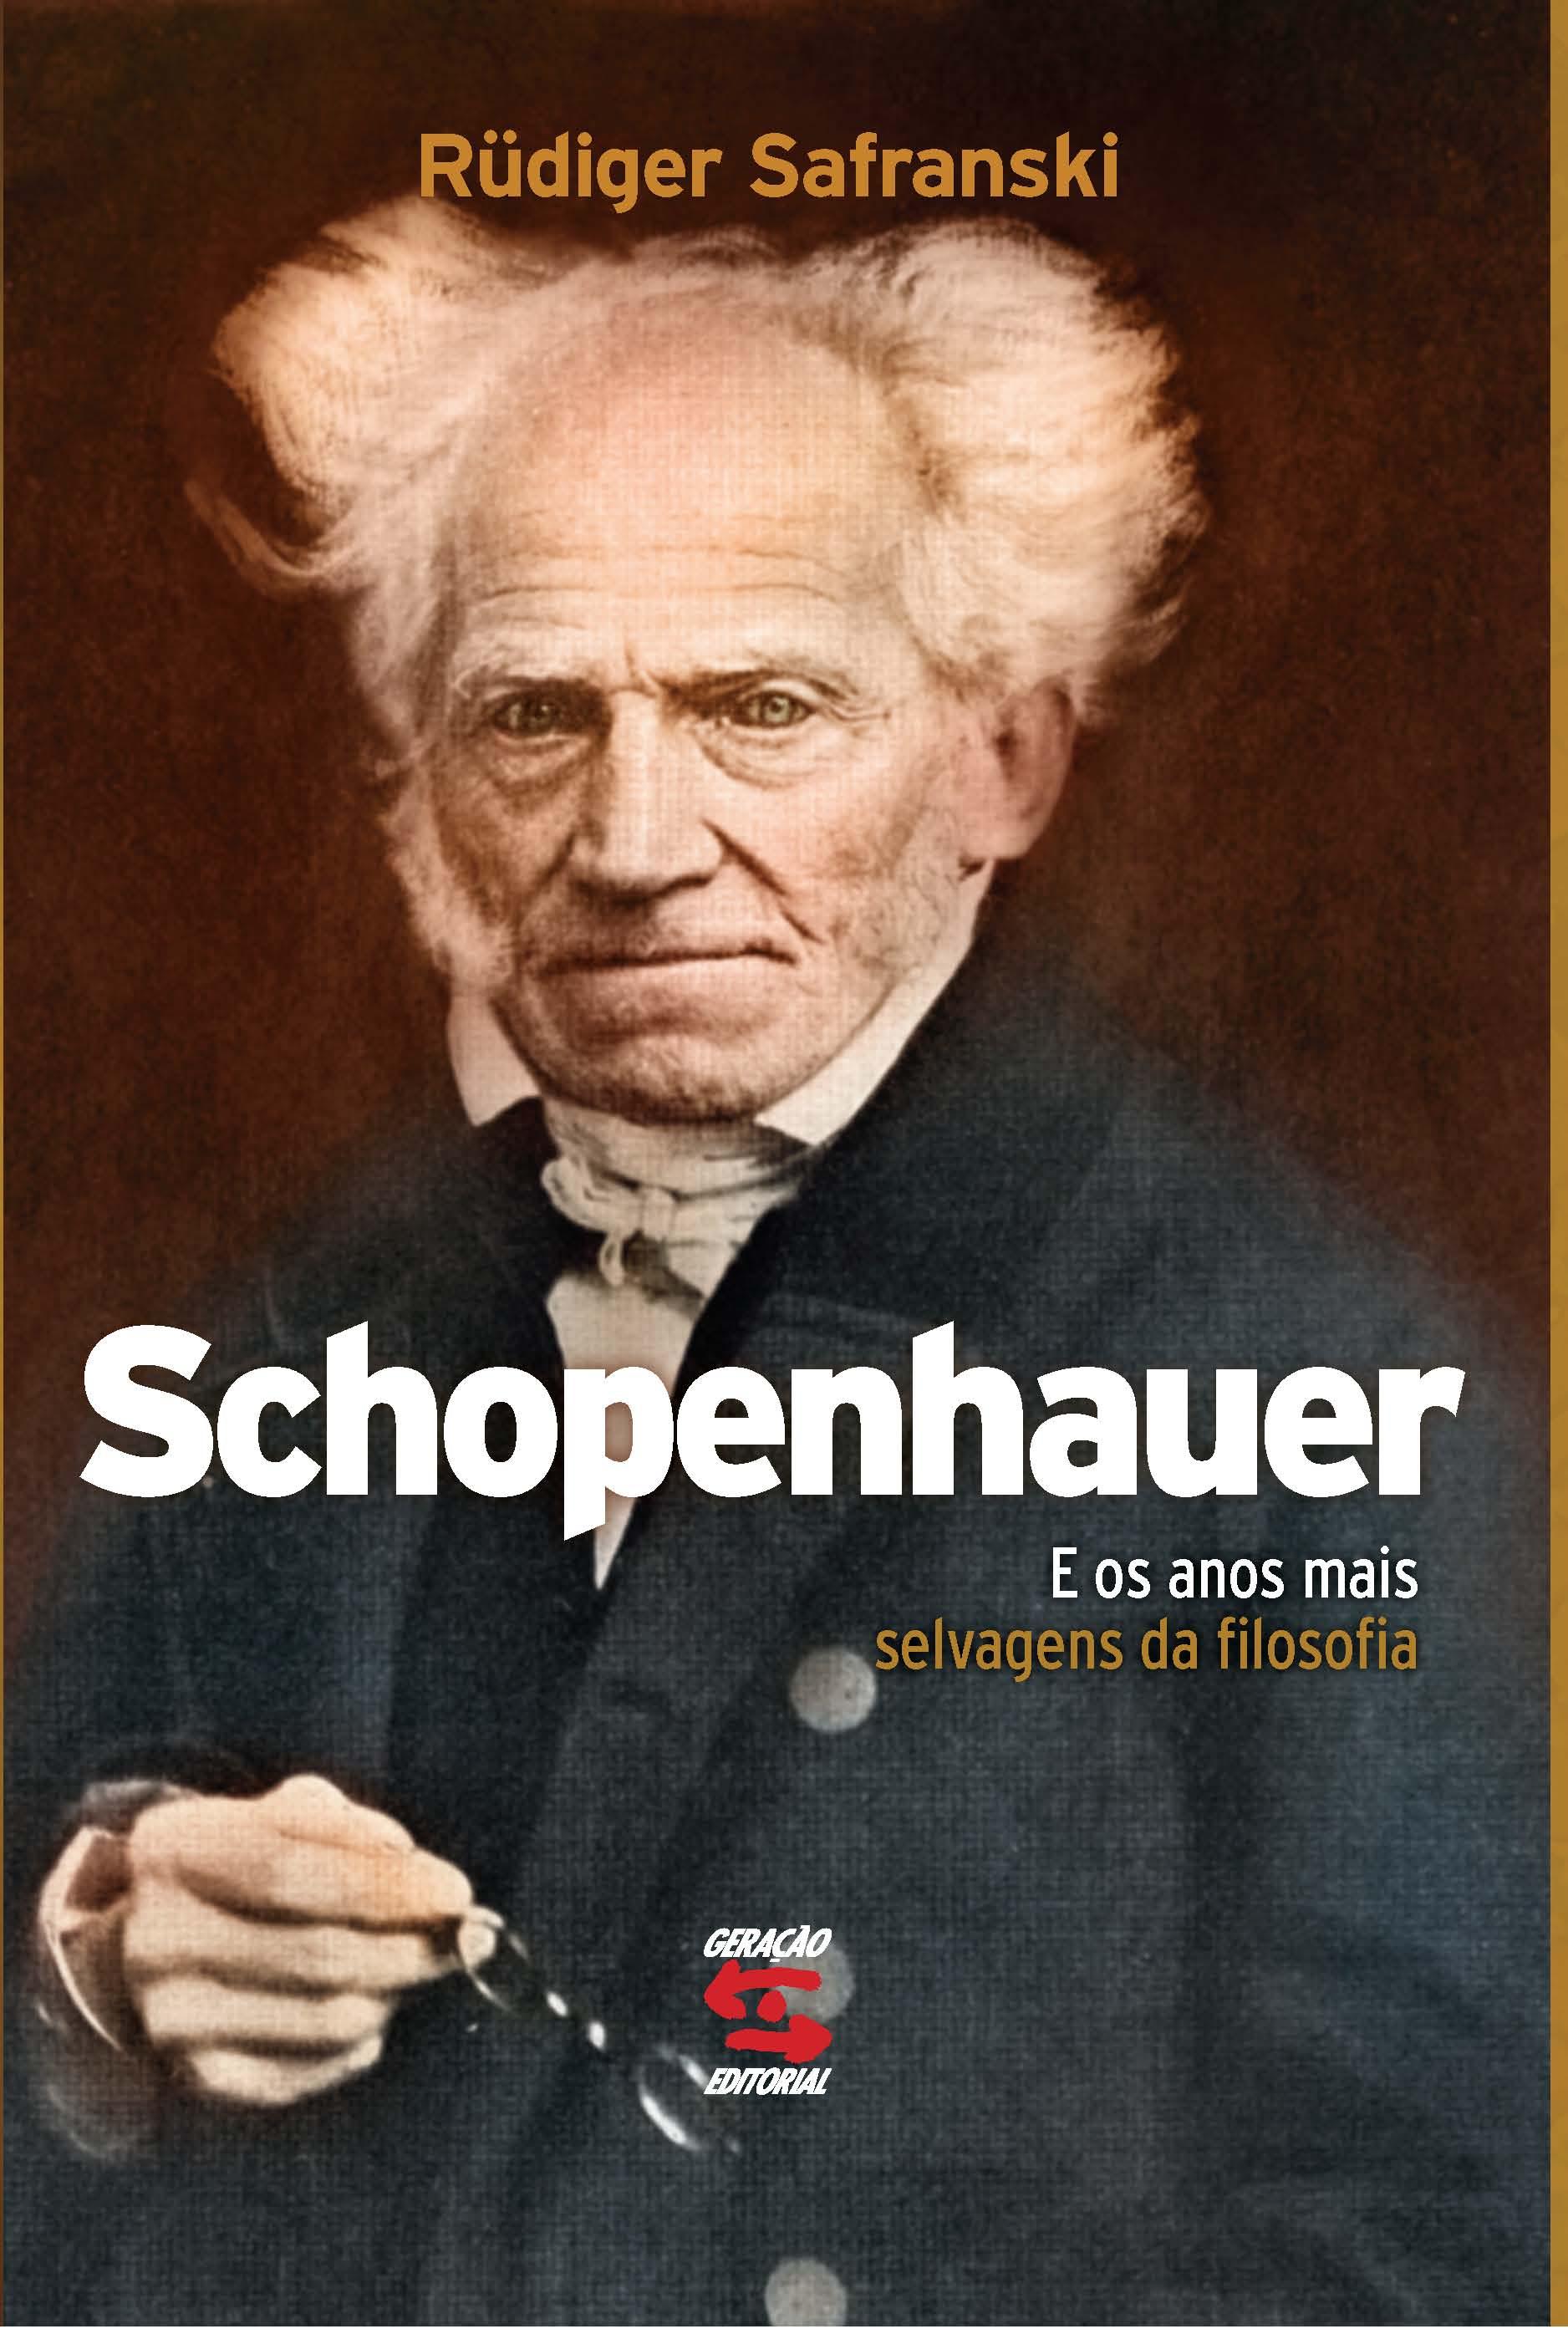 Schopenhauer: E os Anos Mais Selvagens da Filosofia, livro de Rudiger Safranski